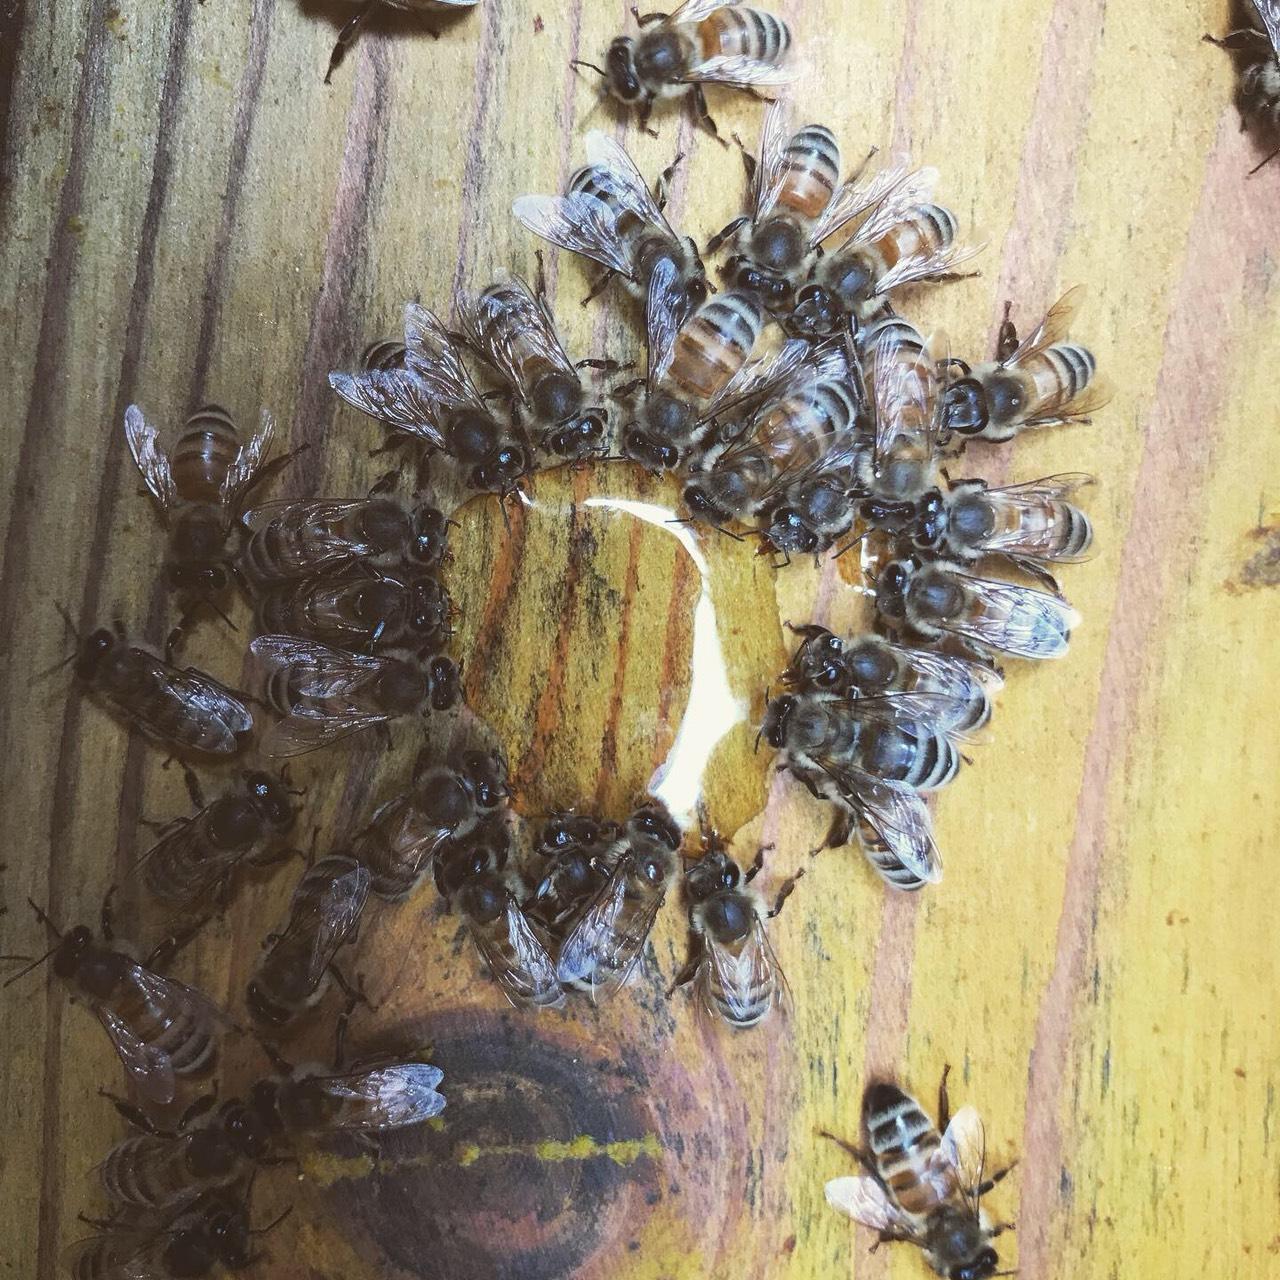 ハチミツに群がるみつばち